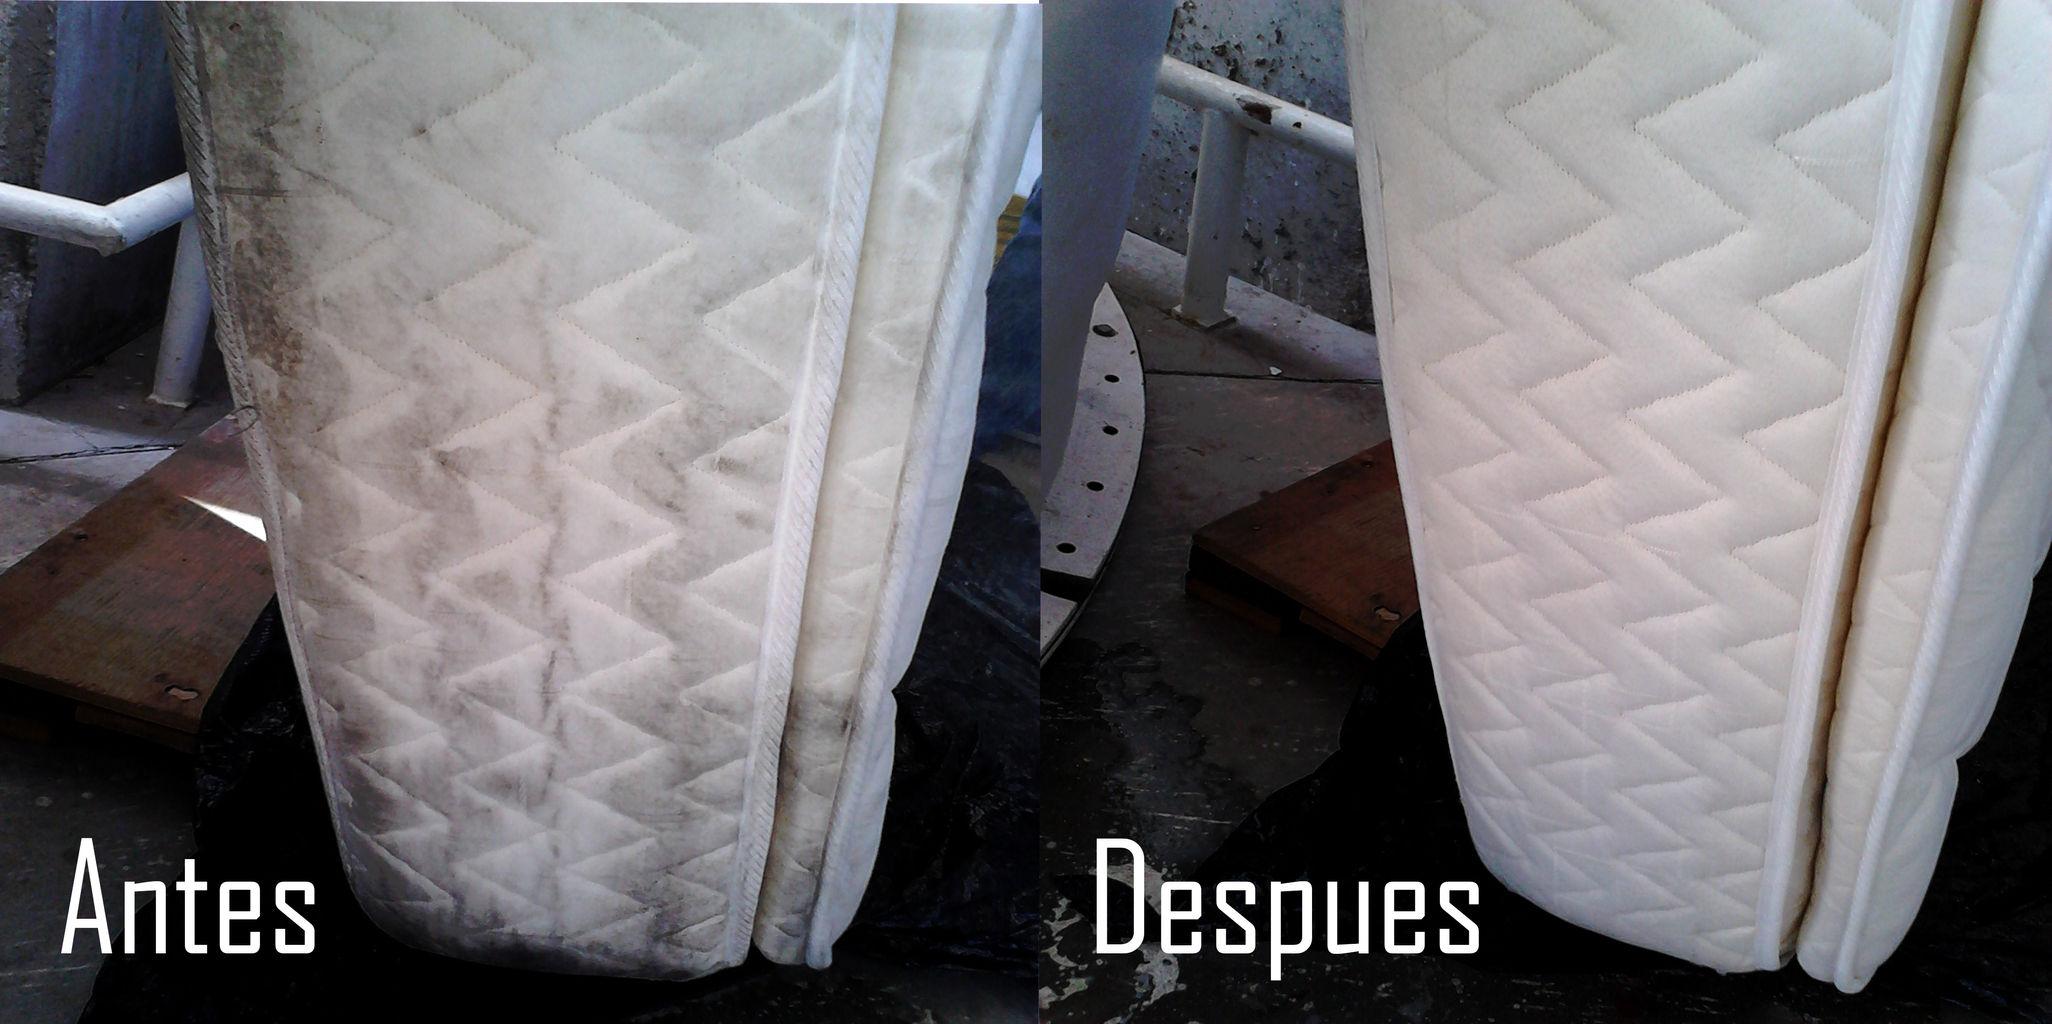 De Muebles Antes Y Despues Mueble Antiguo Antes Y Despus De La  # Muebles Efecto Lavado